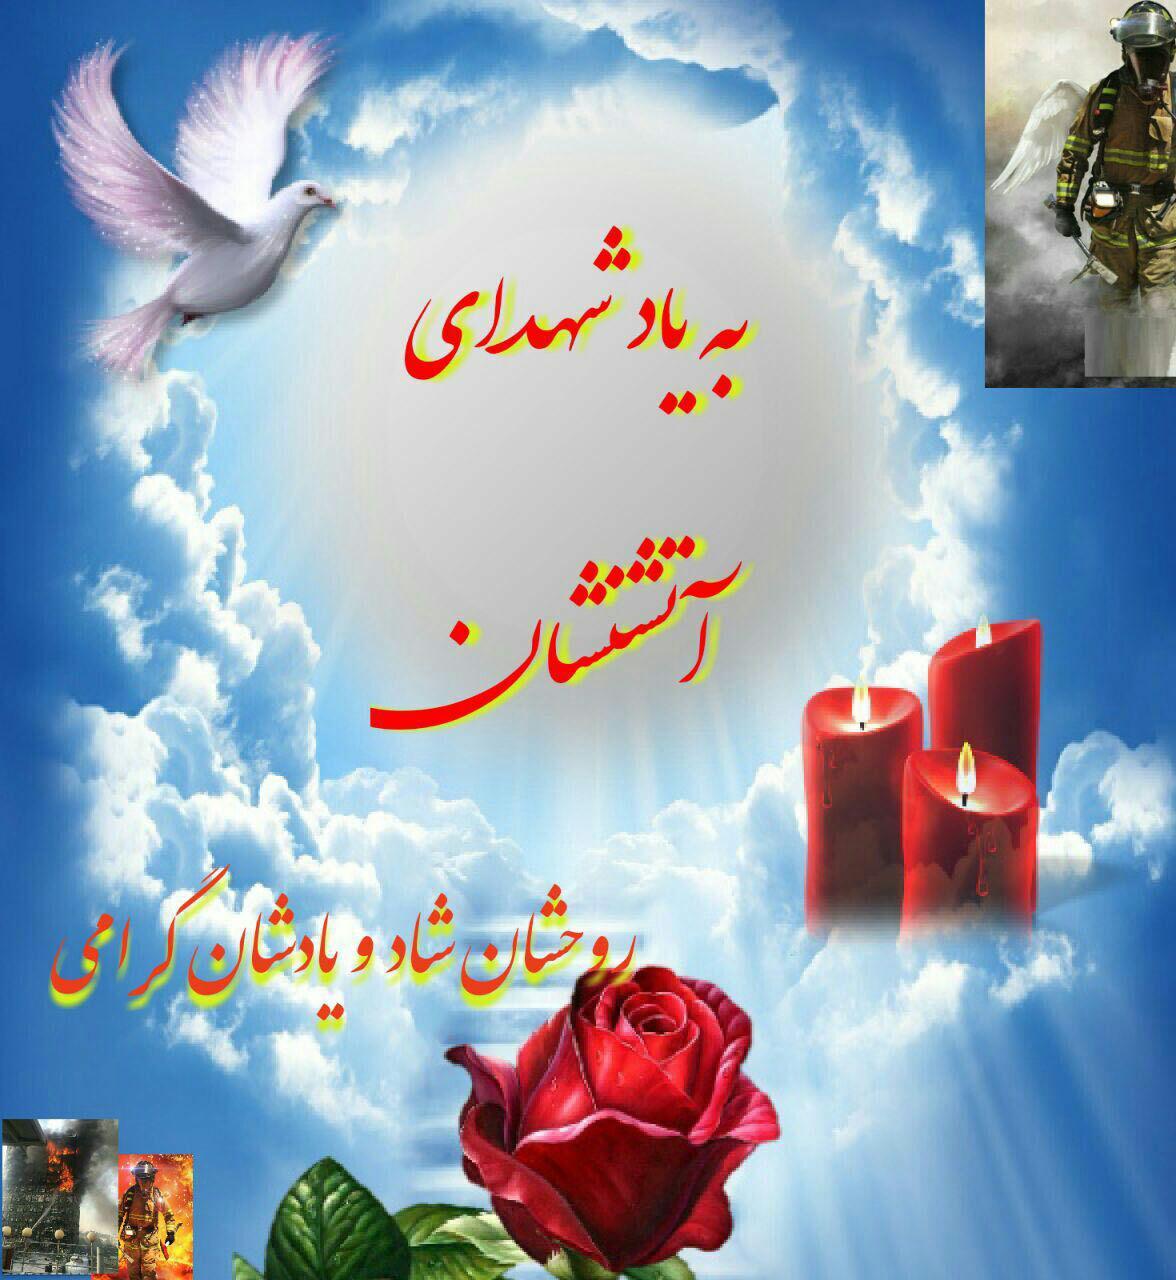 30 دی ماه 1395 سالروز شهادت آتش نشانان تهران